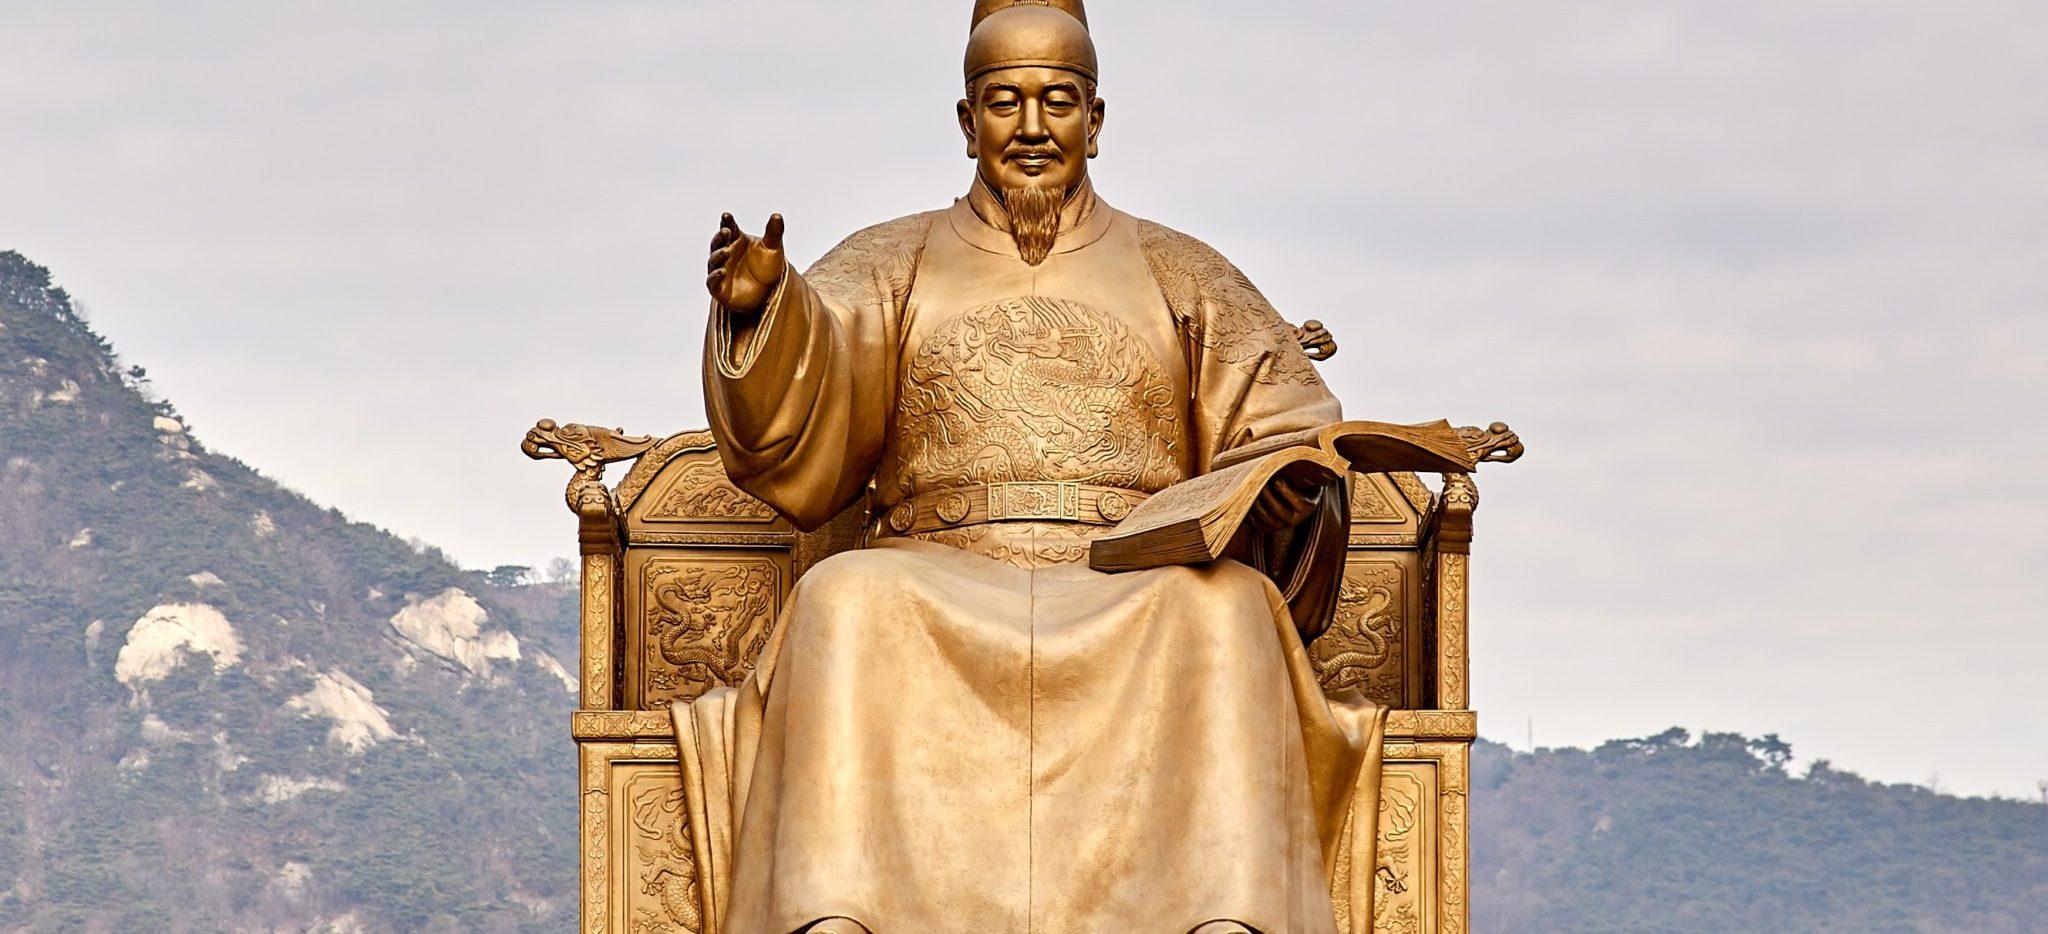 King Sejong's statue